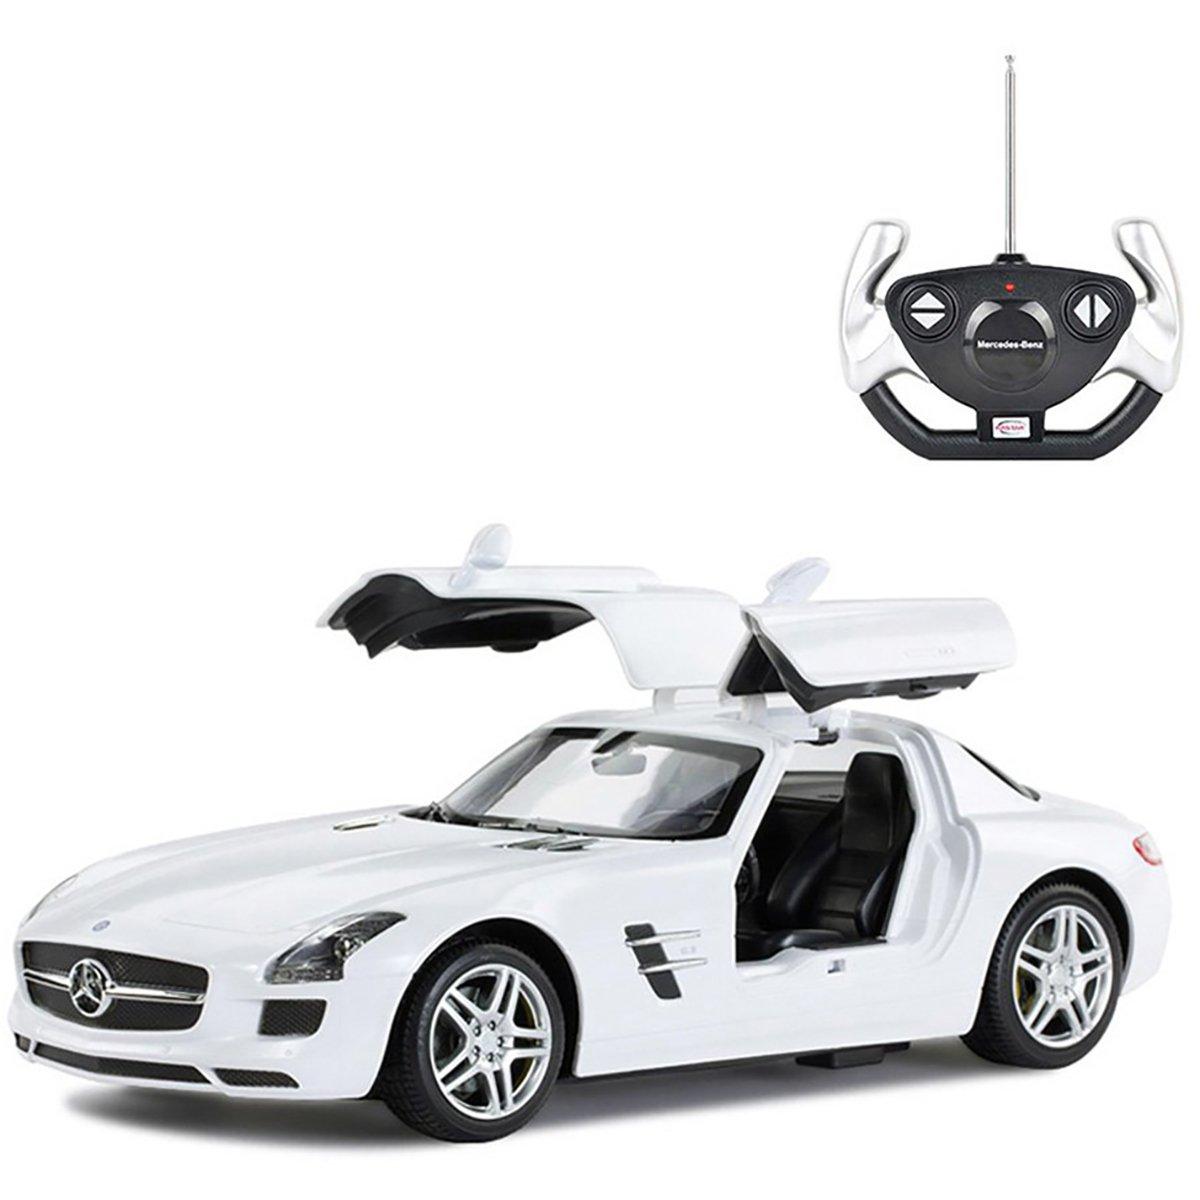 Masina cu telecomanda Rastar Mercedes Benz SLS AMG 1:14, Alb